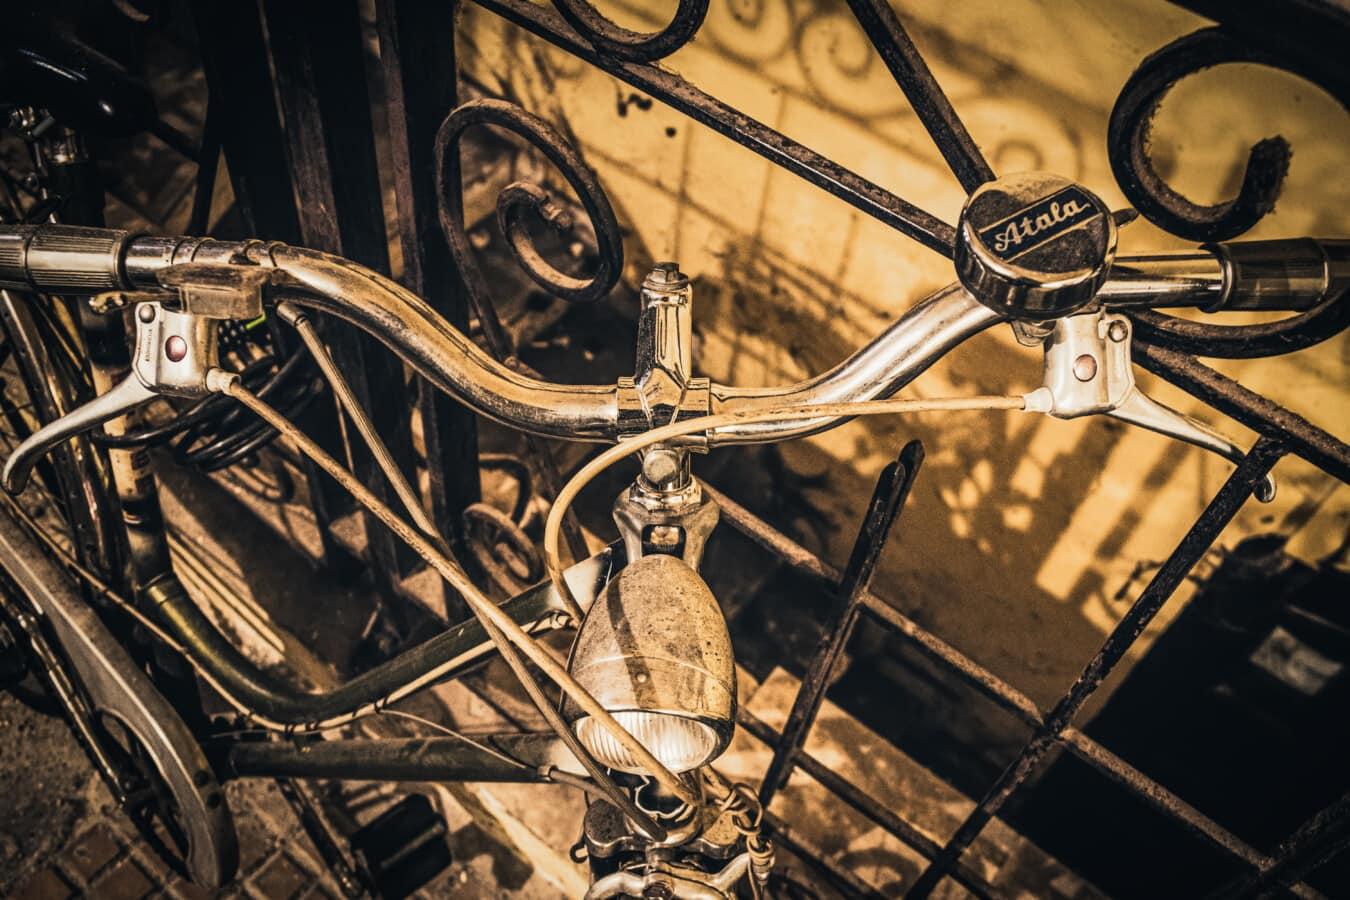 Fahrrad, Nostalgie, alten Stil, Sepia, Chrom, Scheinwerfer, glänzend, Glocke, Lenkrad, Jahrgang